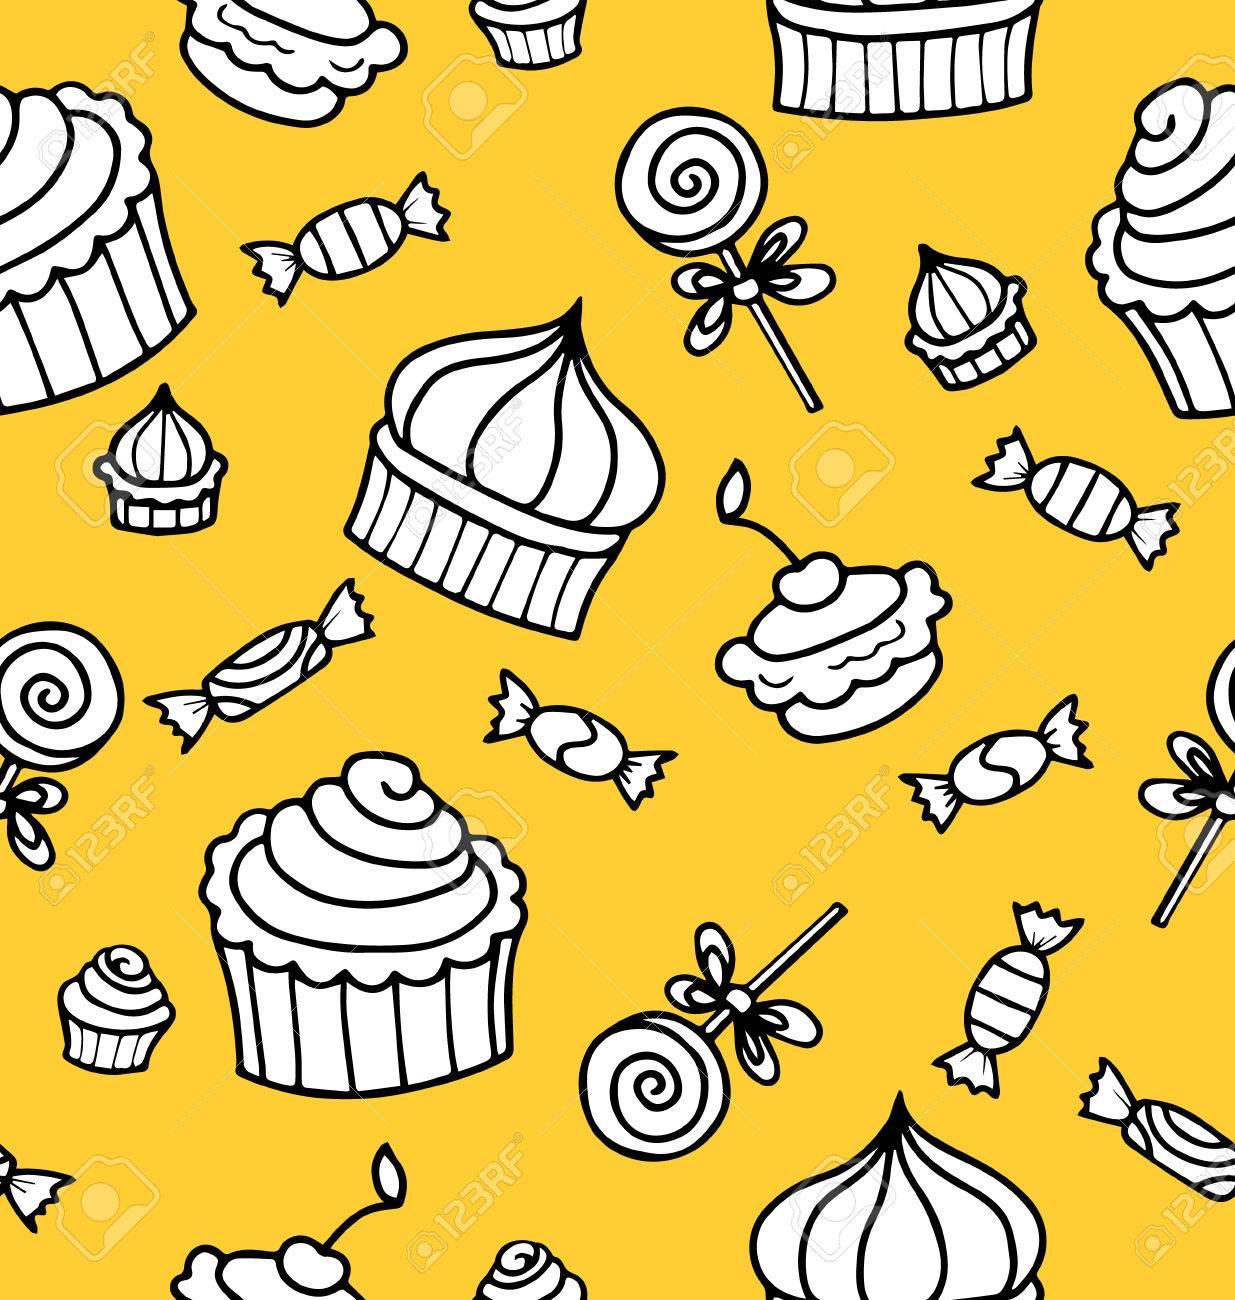 シームレスなベクトル パターンまたはテクスチャと一緒にスイーツを手の描かれたマフィンとロリポップ デスクトップの壁紙 装飾や料理ブログ サイトお菓子と背景 のイラスト素材 ベクタ Image